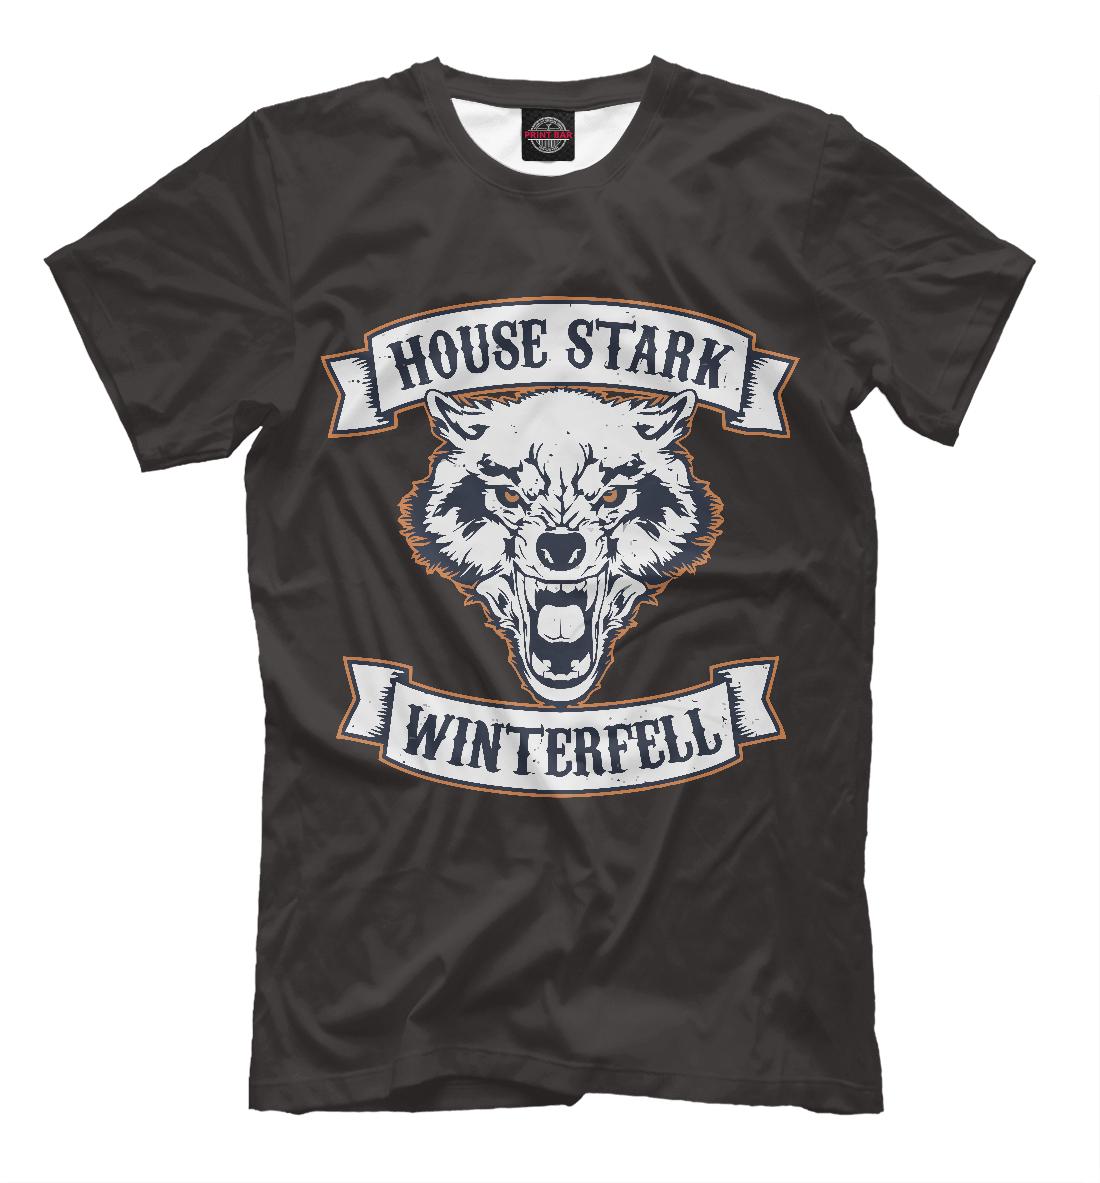 Купить House Stark Winterfell, Printbar, Футболки, IGR-929756-fut-2